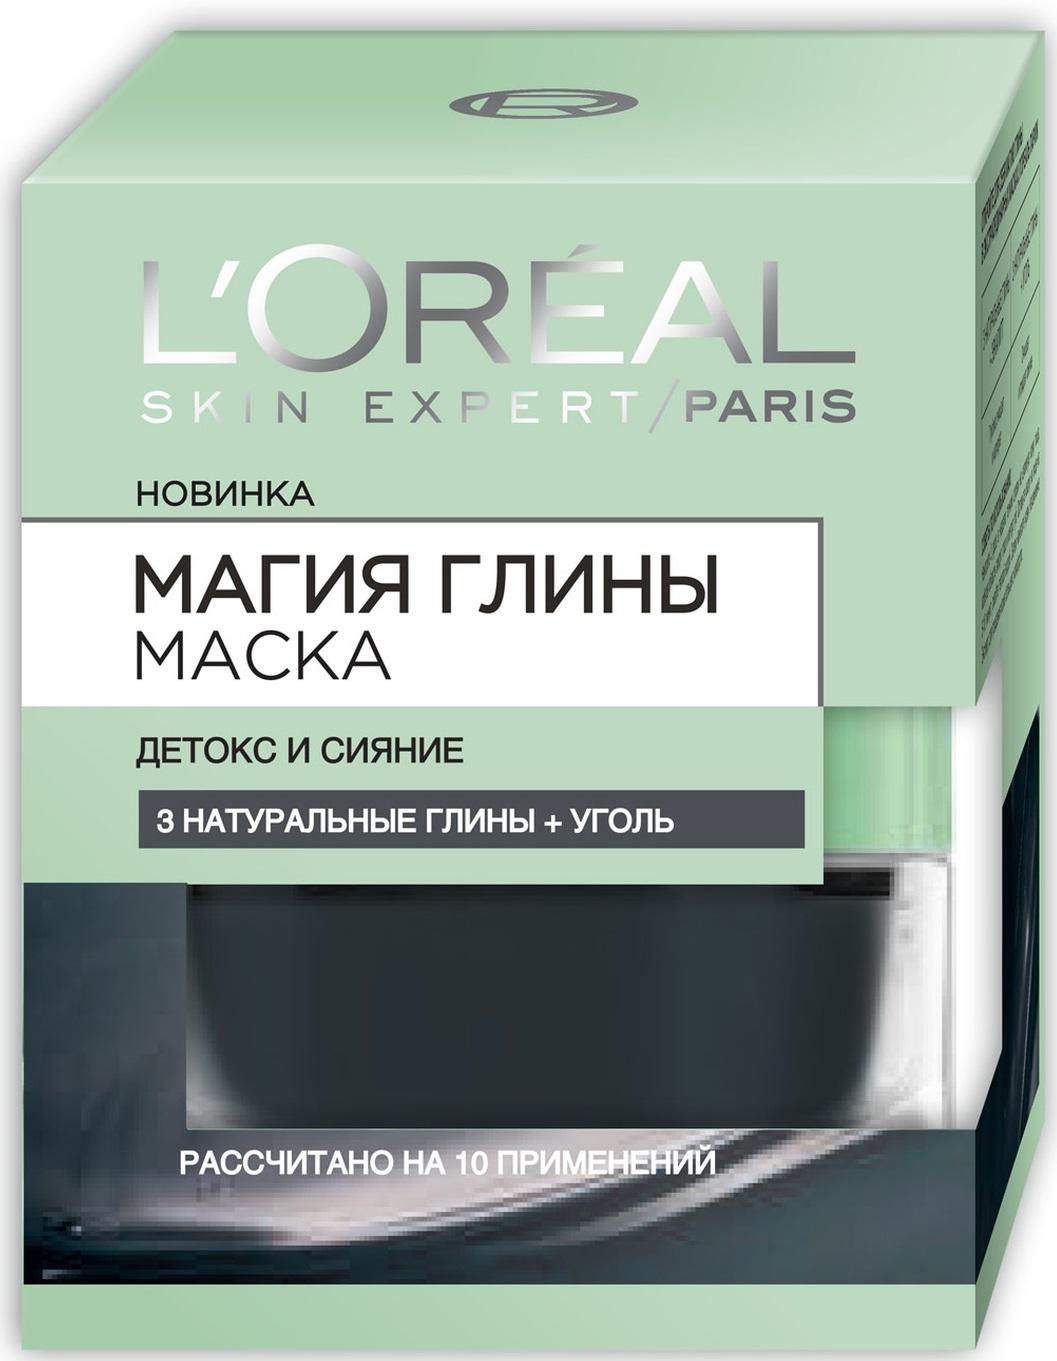 LOreal Paris Маска для лица Магия Глины детокс и сияние, с углем, для всех типов кожи, 50 млA8904900Маска для лица «Магия глины — Детокс и Сияние» борется с токсинами и возвращает естественное сияние кожи.В ее составе 3 натуральные очищающие глины и уголь, подобно магниту вытягивающий загрязнения:1. Каолин - глина, насыщенная силикатами,эффективно поглощает загрязнения и борется с жирным блеском.2. Гассул-глина, богатая микроэлементами, возвращает свежий и здоровый цвет лица. 3. Монтмориллонит - глина, в состав которой входят полезные минералы, целенаправлено борется с несовершенствами кожи.